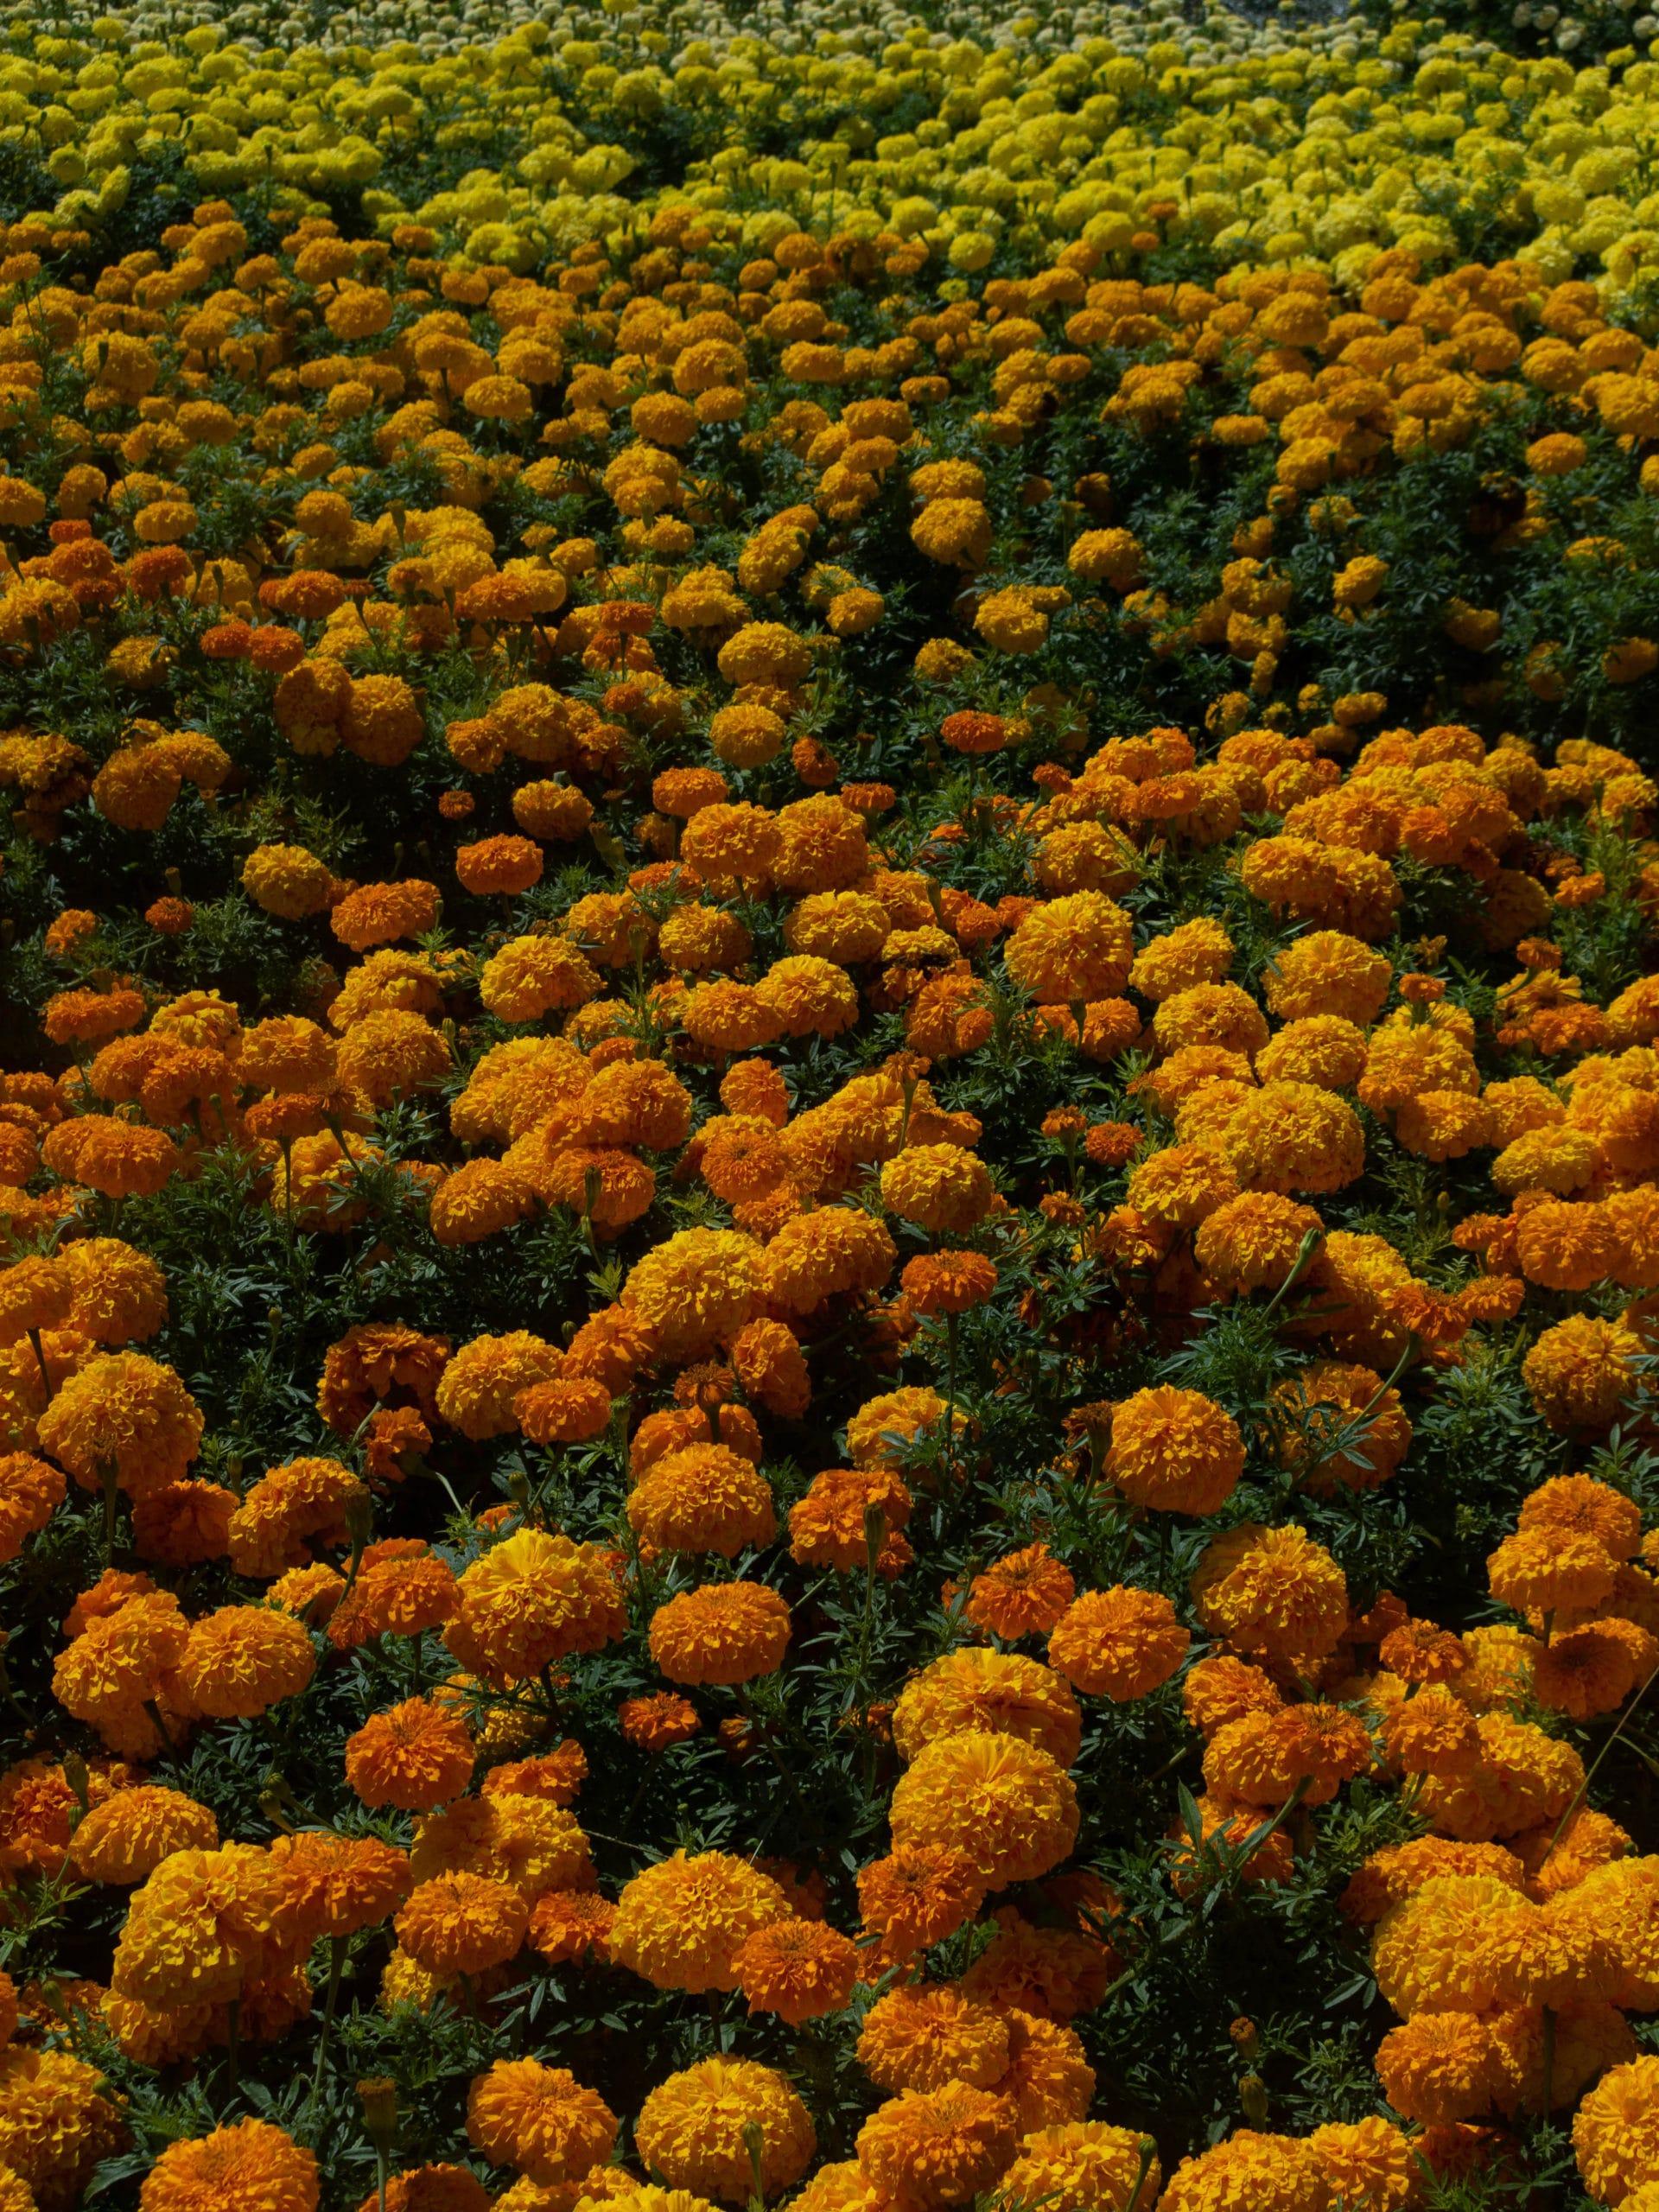 Tagetes im botanischen Garten Balchik